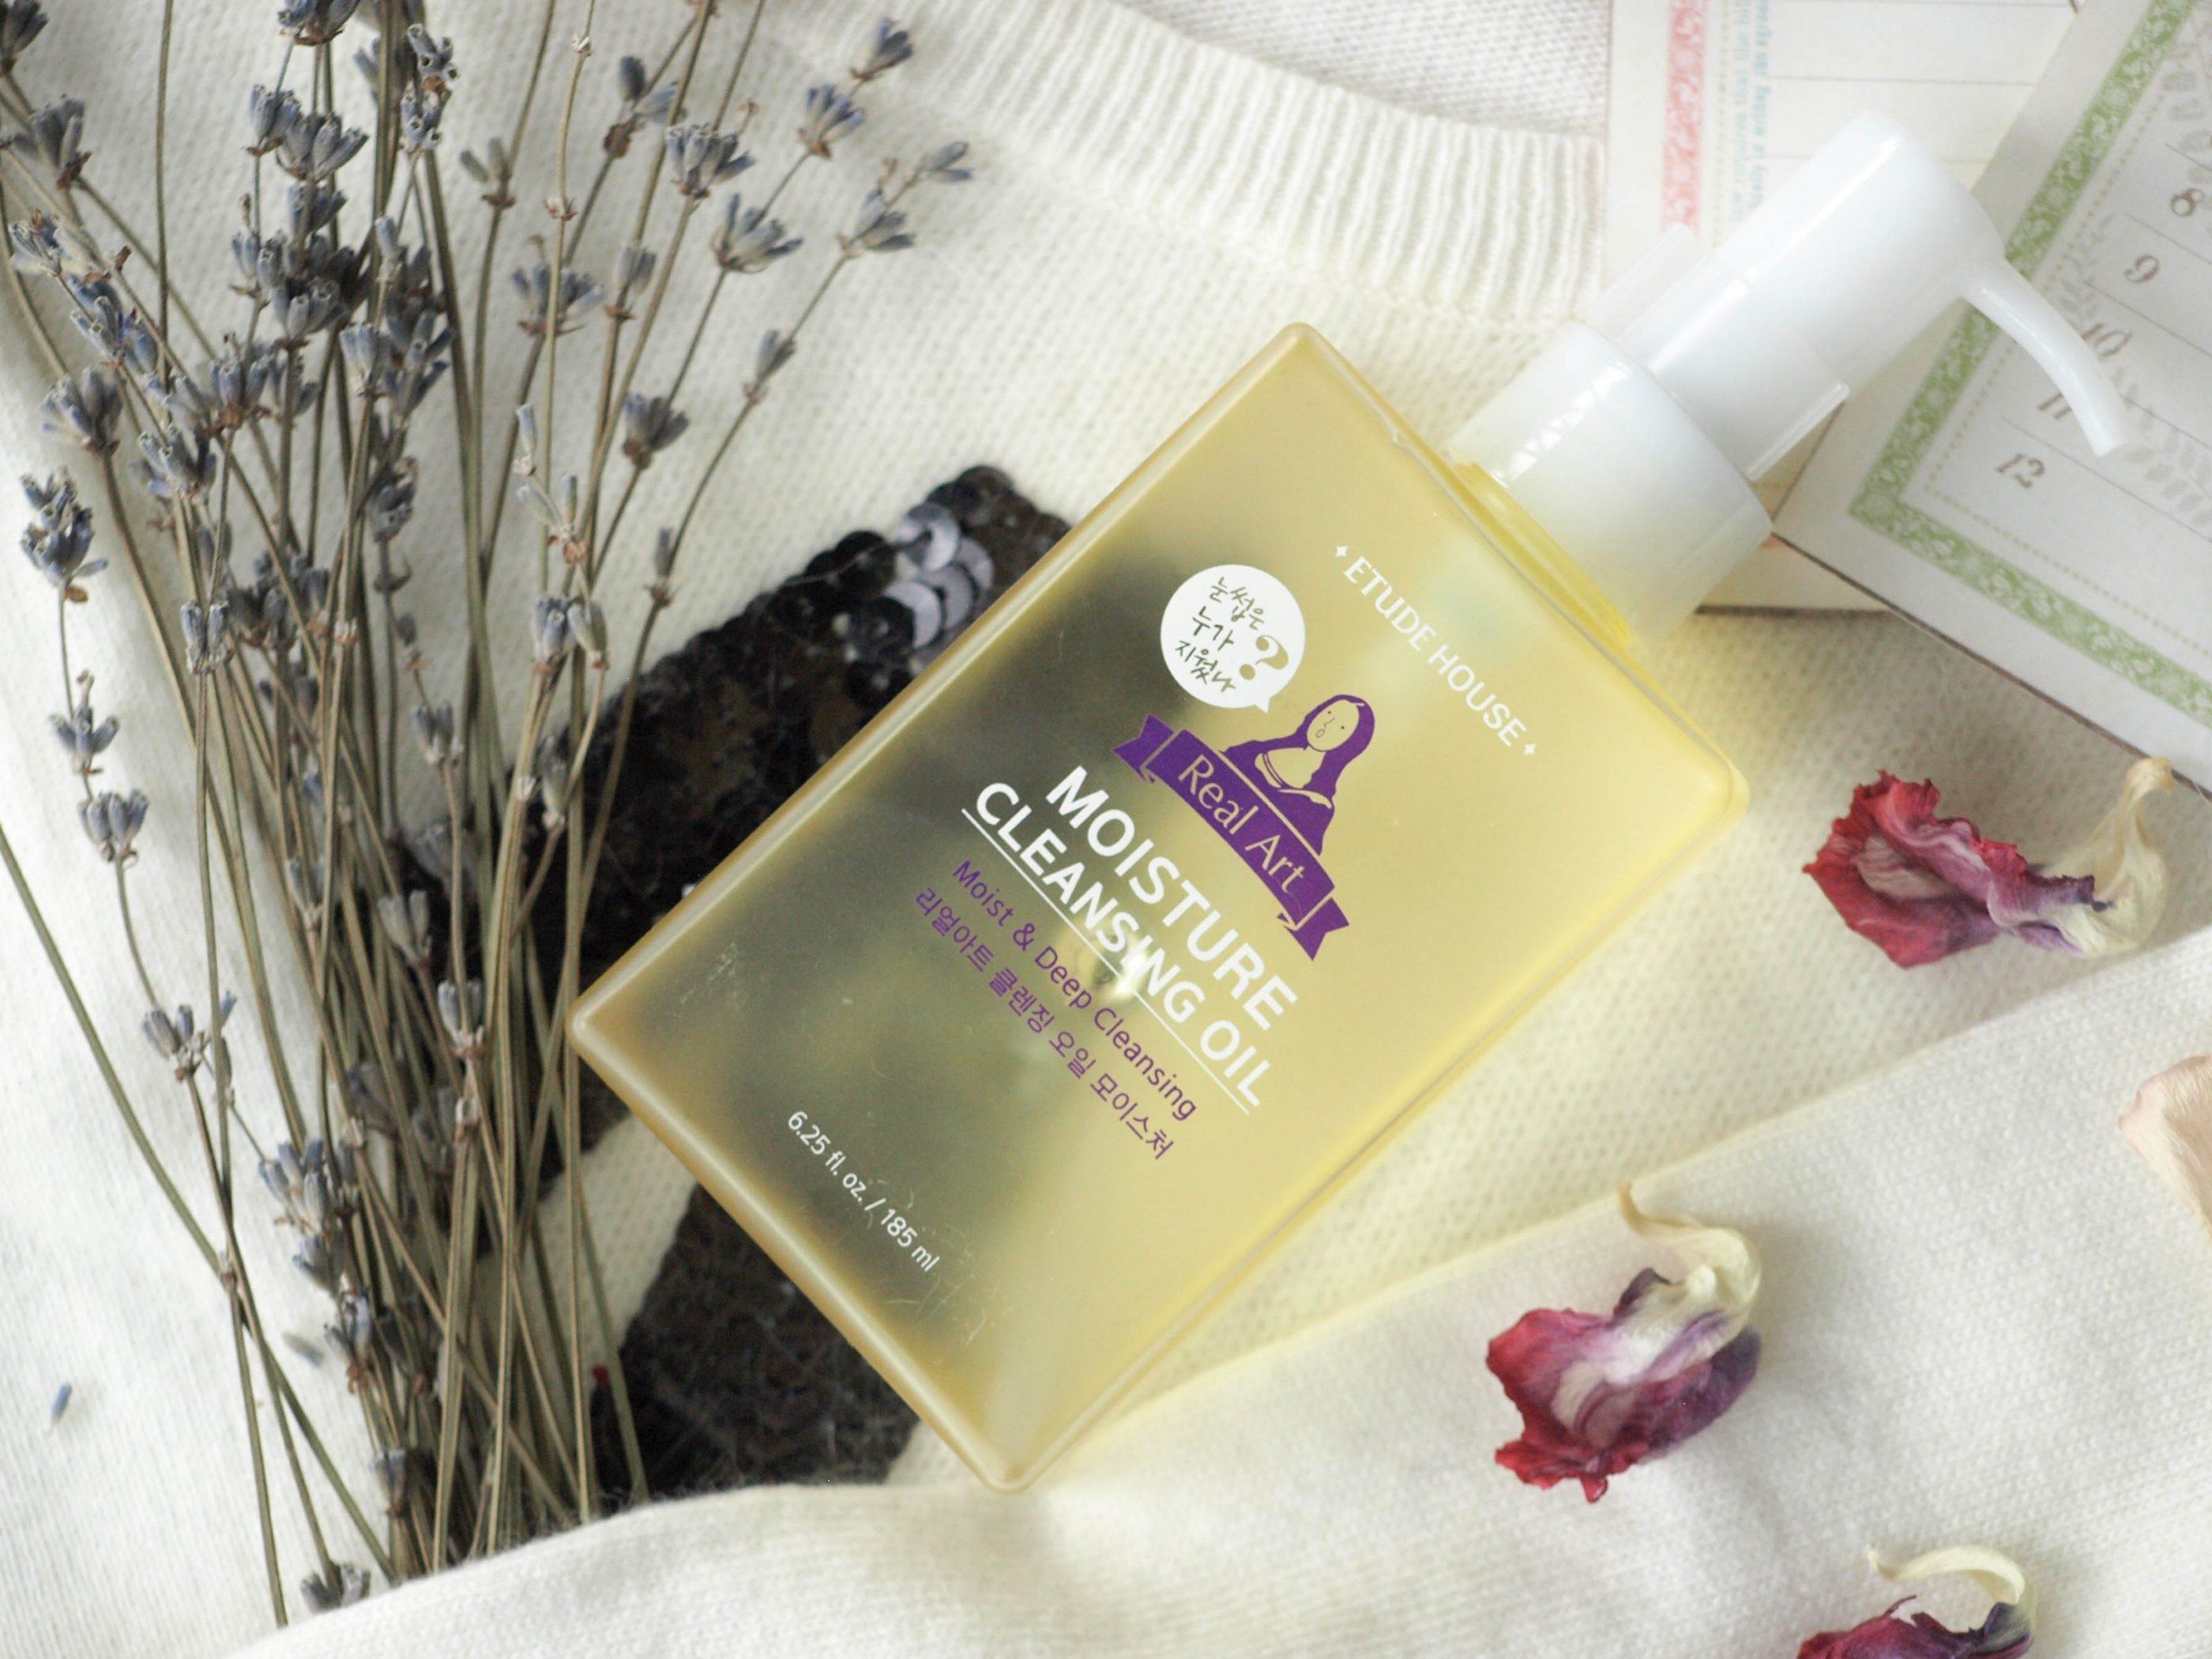 gidrofilnoe-maslo-dlya-umyvaniya-opisanie-i-rejting-produkcii-20 Гидрофильное масло для умывания, снятия макияжа, сухой кожи. Топ лучших, как сделать масло своими руками